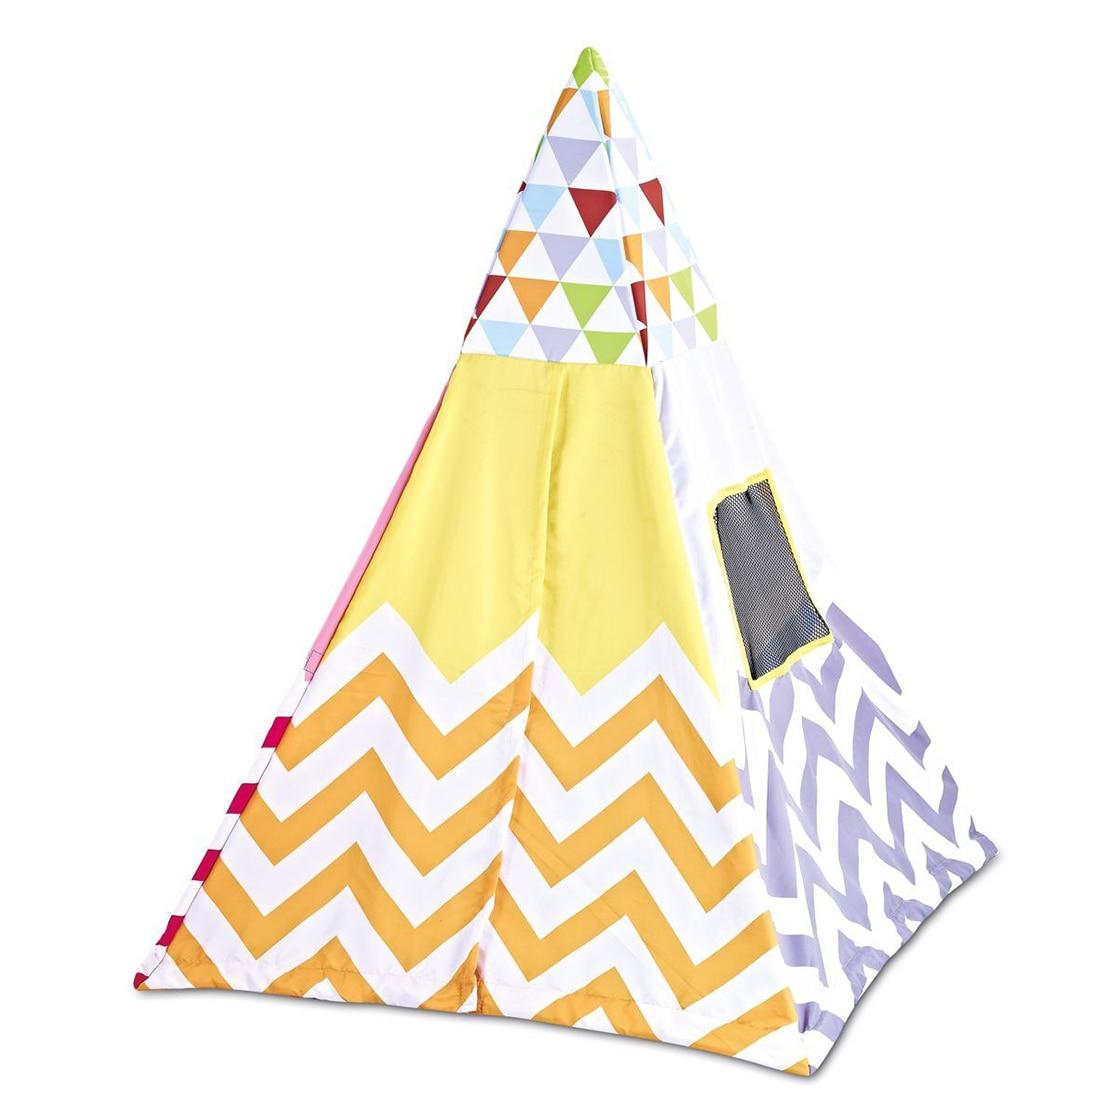 Детский коврик для ползания, палатка для ползания, коврик, палатка, игрушка для игр в помещении и на открытом воздухе, интеллектуальное разв...